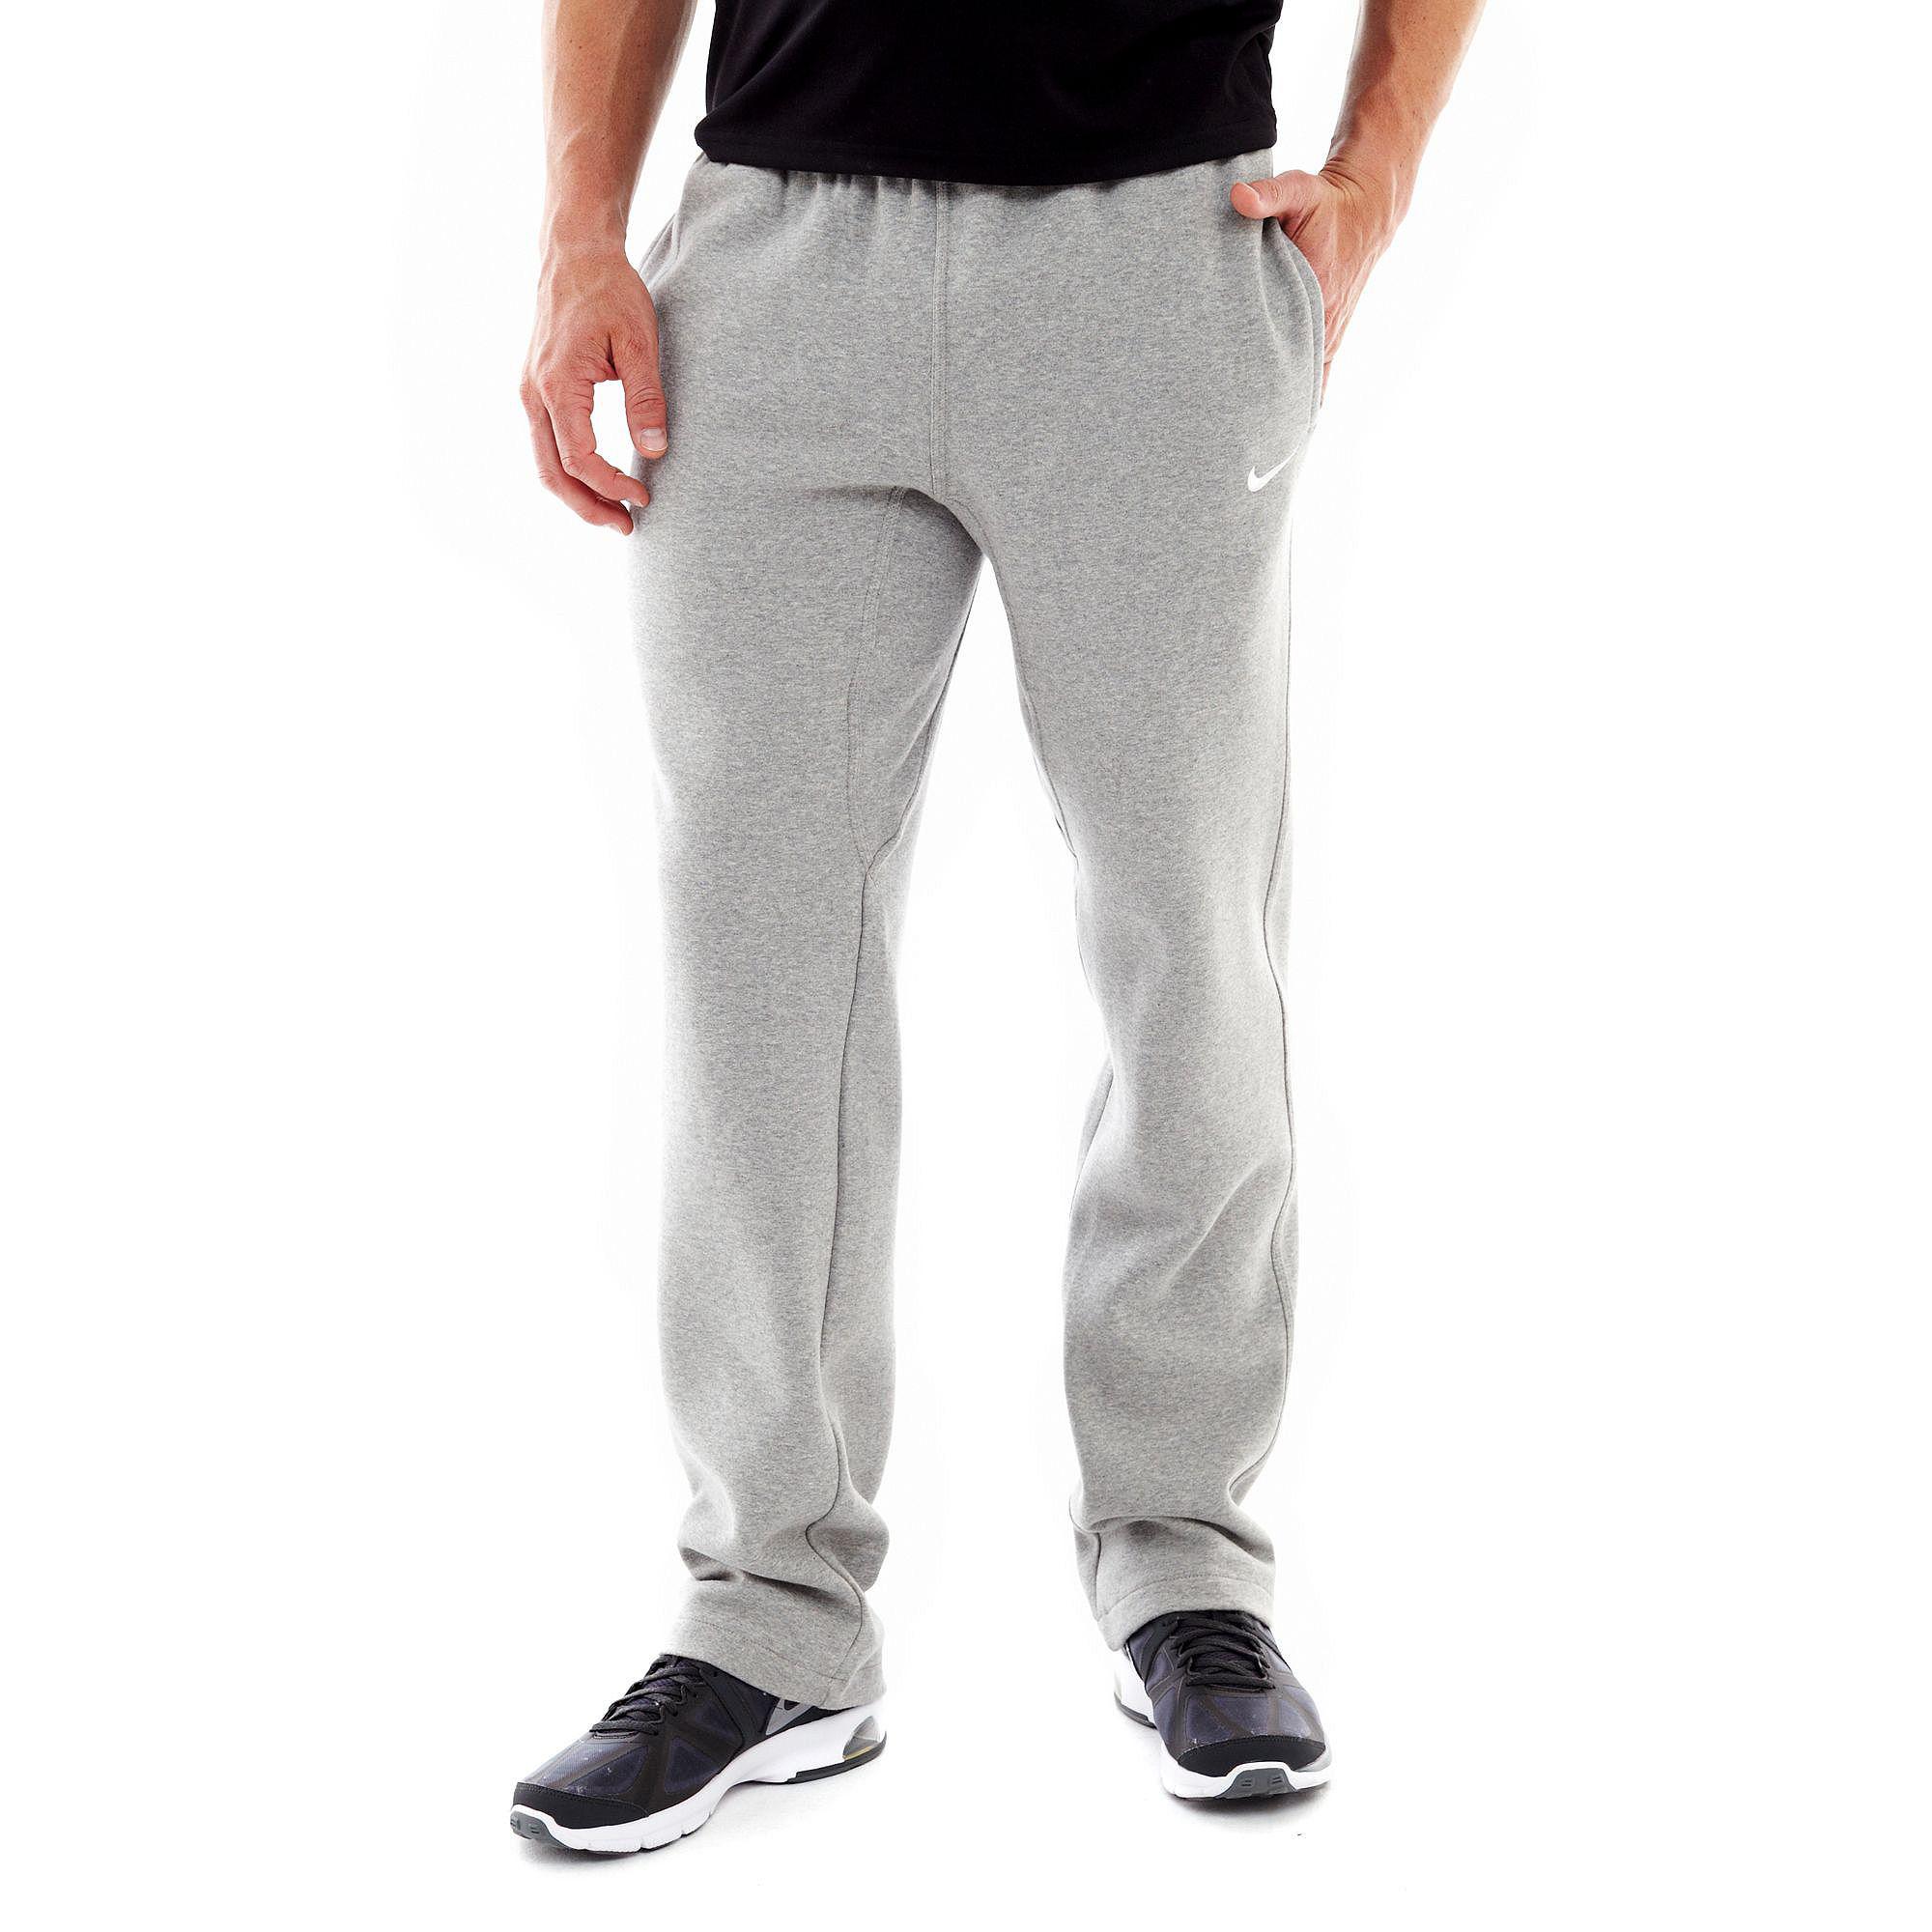 roshe run rouge noir - UPC 826218177194 - Nike Fleece Pants | upcitemdb.com